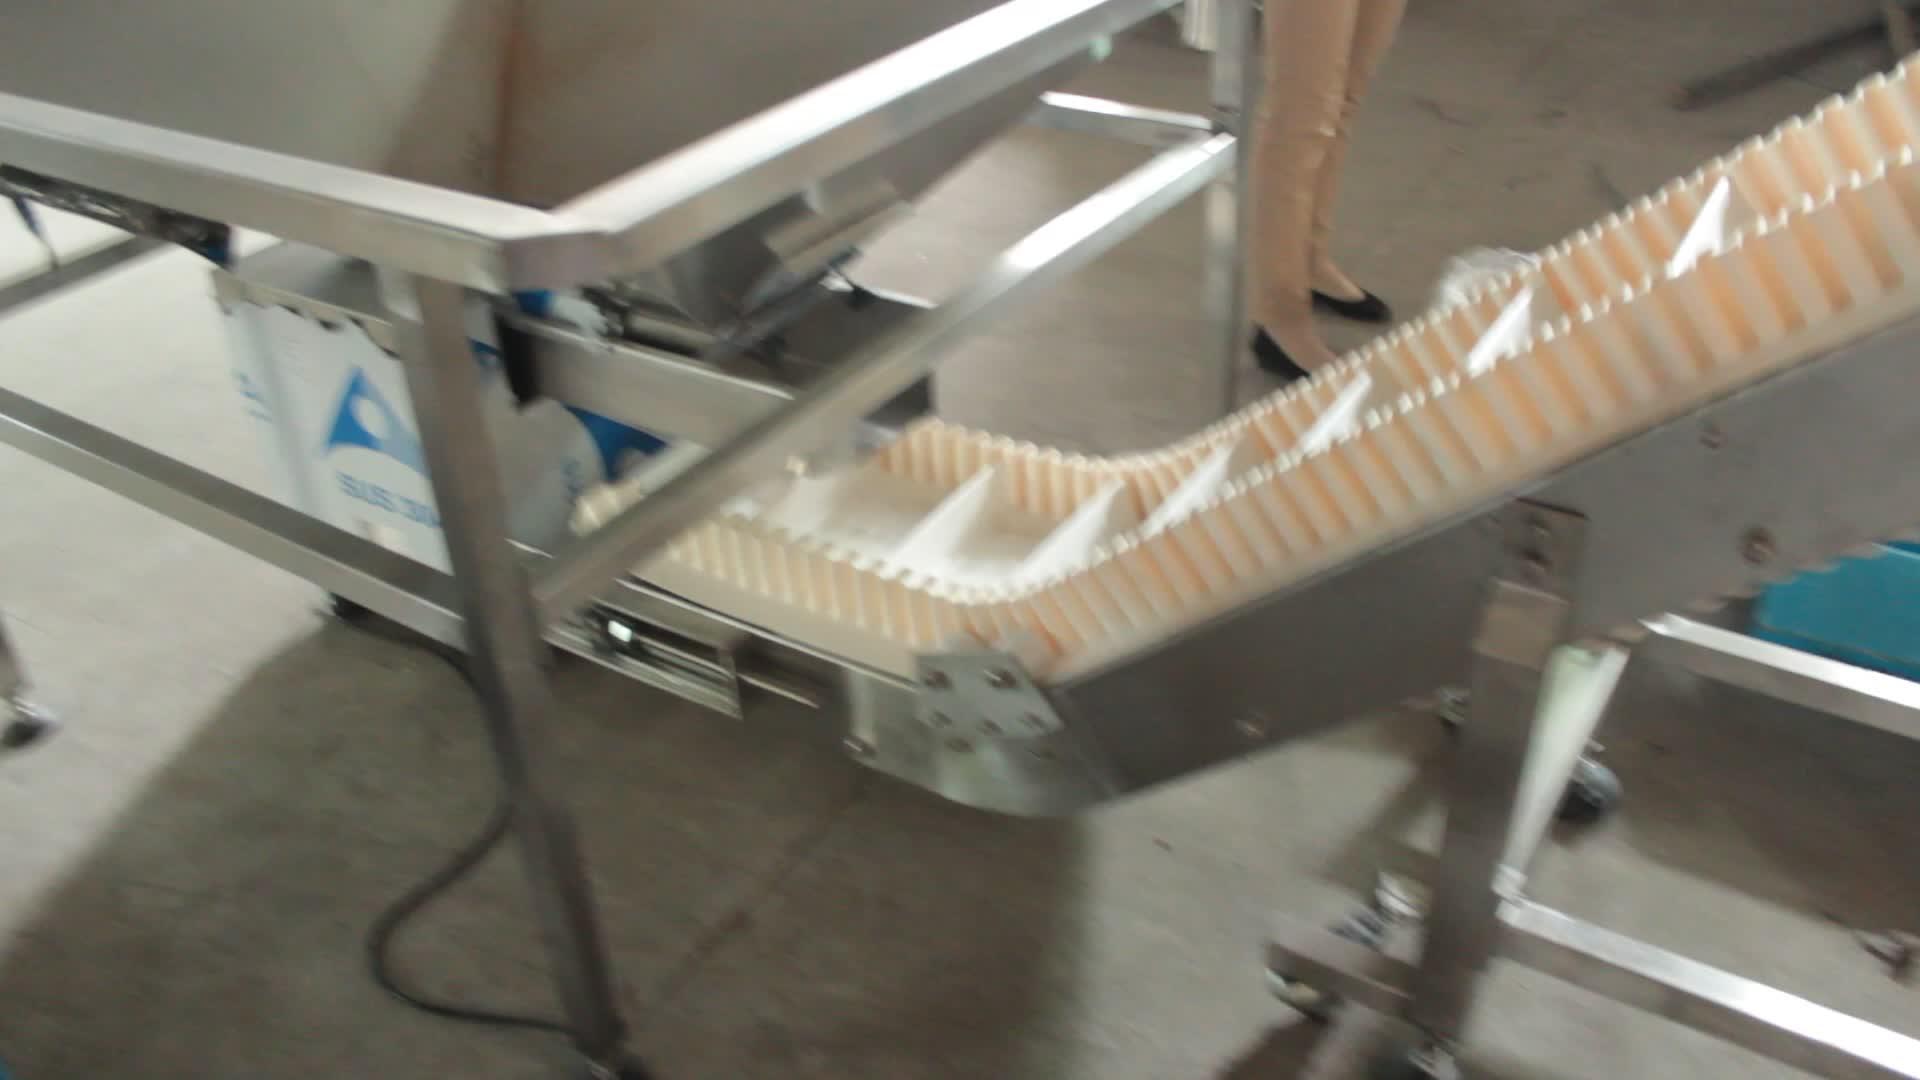 Material Handhabung Ausrüstung Lebensmittel Transfer Förderband/Weiß Lebensmittel Grade Förderband